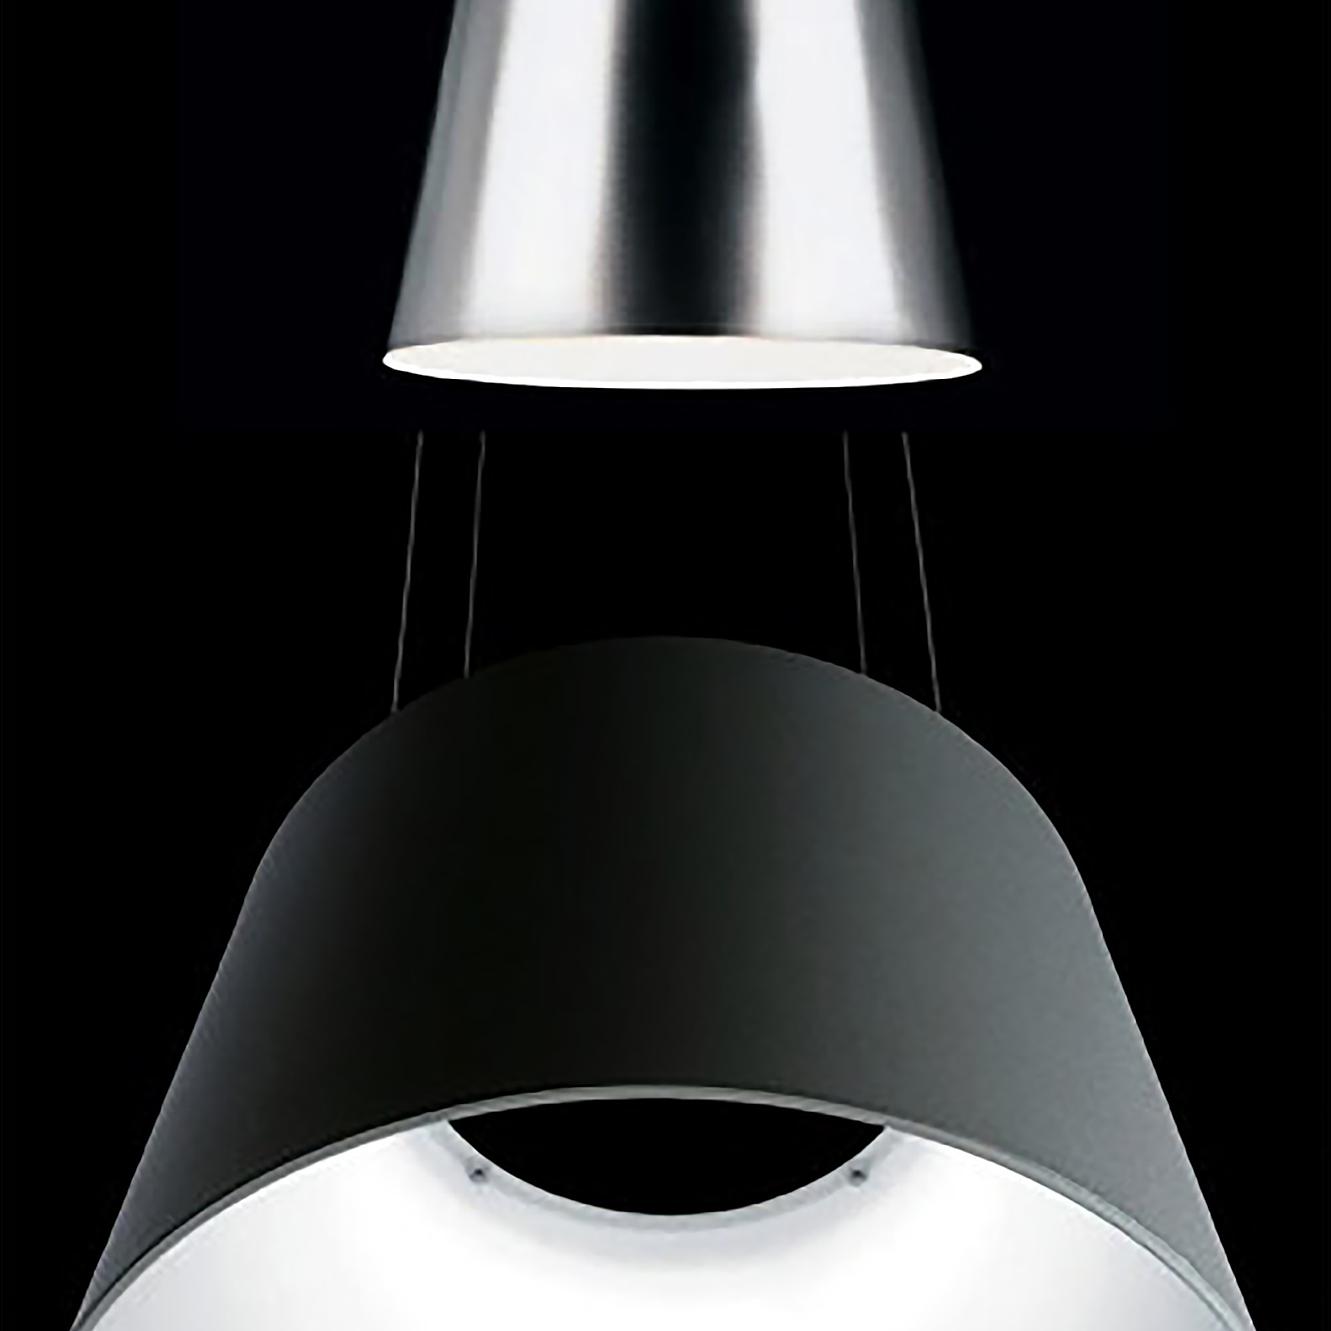 aurea lamp santachiara (2).jpg